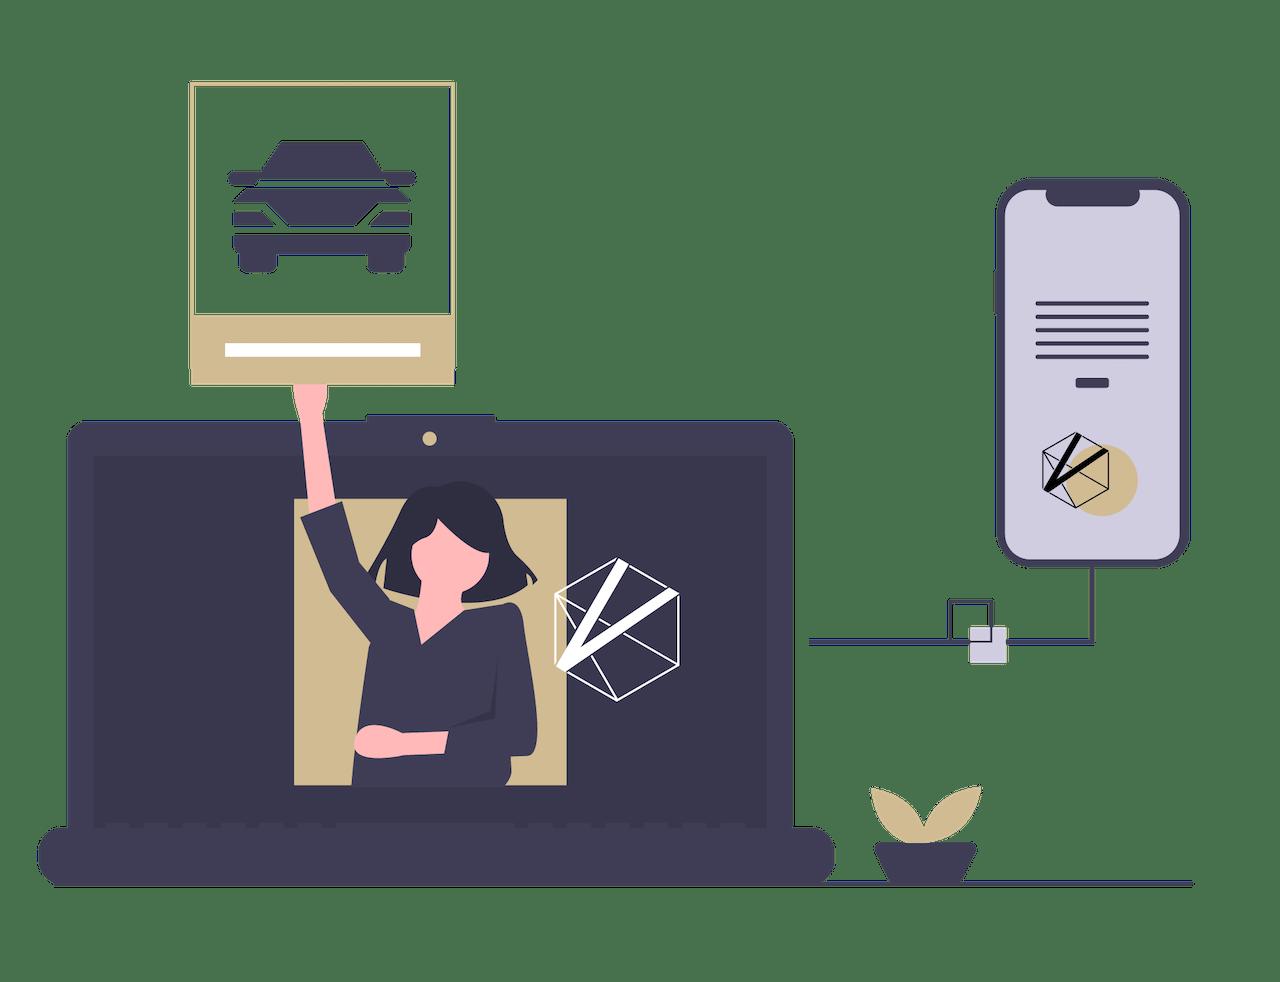 Visuelle Darstellung von online Leasing bei VEHICULUM auf Laptop und Smartphone, einfach online leasen